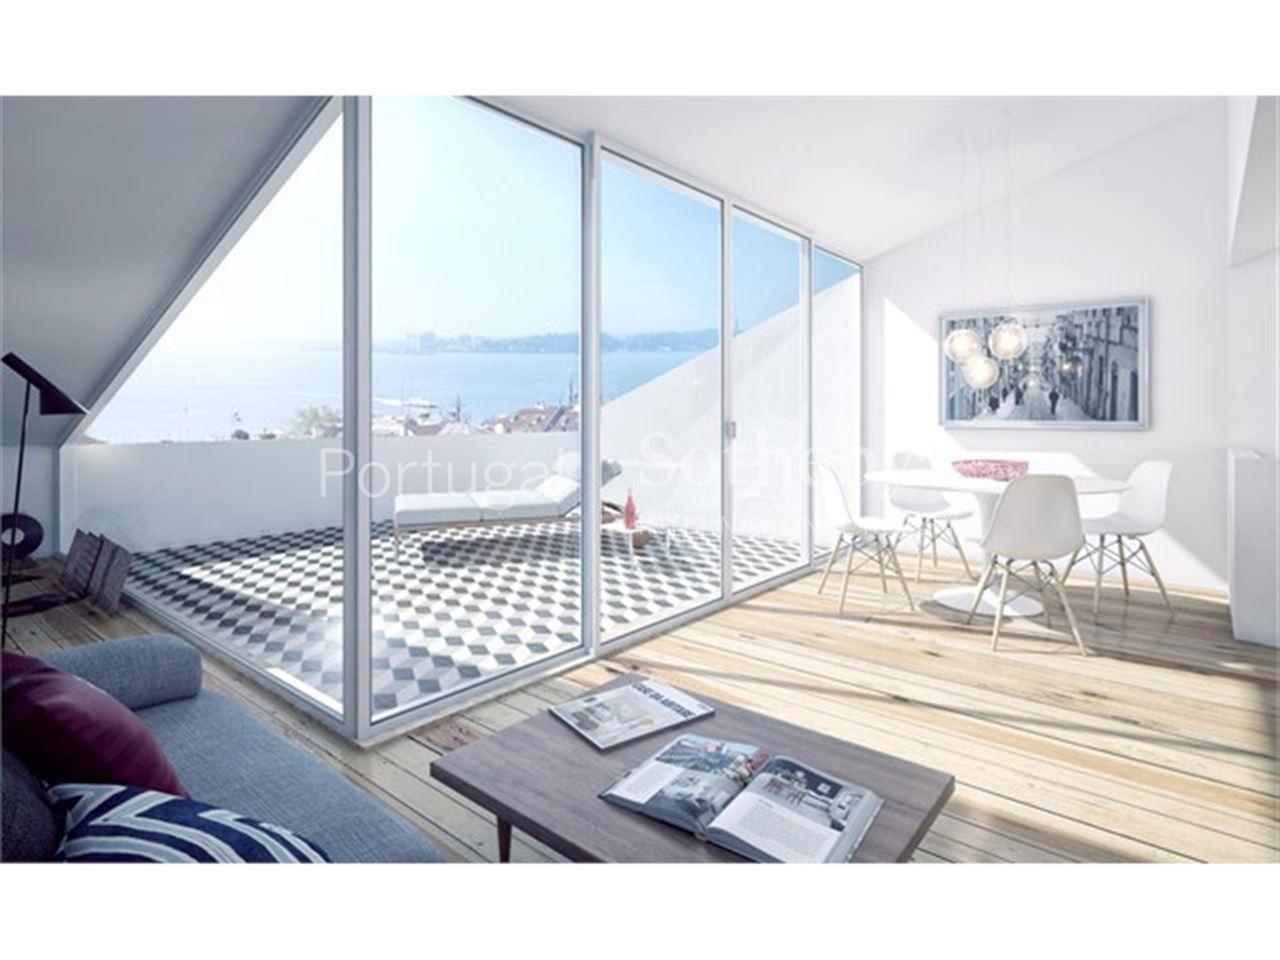 Apartamento  de Luxo 4 quartos / Lisboa, Chiado - Fantástico apartamento Duplex com 4 quartos e 2 salas. A primeira sala com 40m2 encontra-se no piso 1 e tem uma varanda com cerca de 7m2 com vista. No mesmo piso, estão 2 dos quartos assim como a cozinha e 2 casas de banho. No segundo piso, a segunda sala com 31m2 conta com um terraço de 11m2 com uma vista única sobre o rio Tejo e os outros 2 quartos em suite. Dispõe também de 2 lugares de estacionamento.